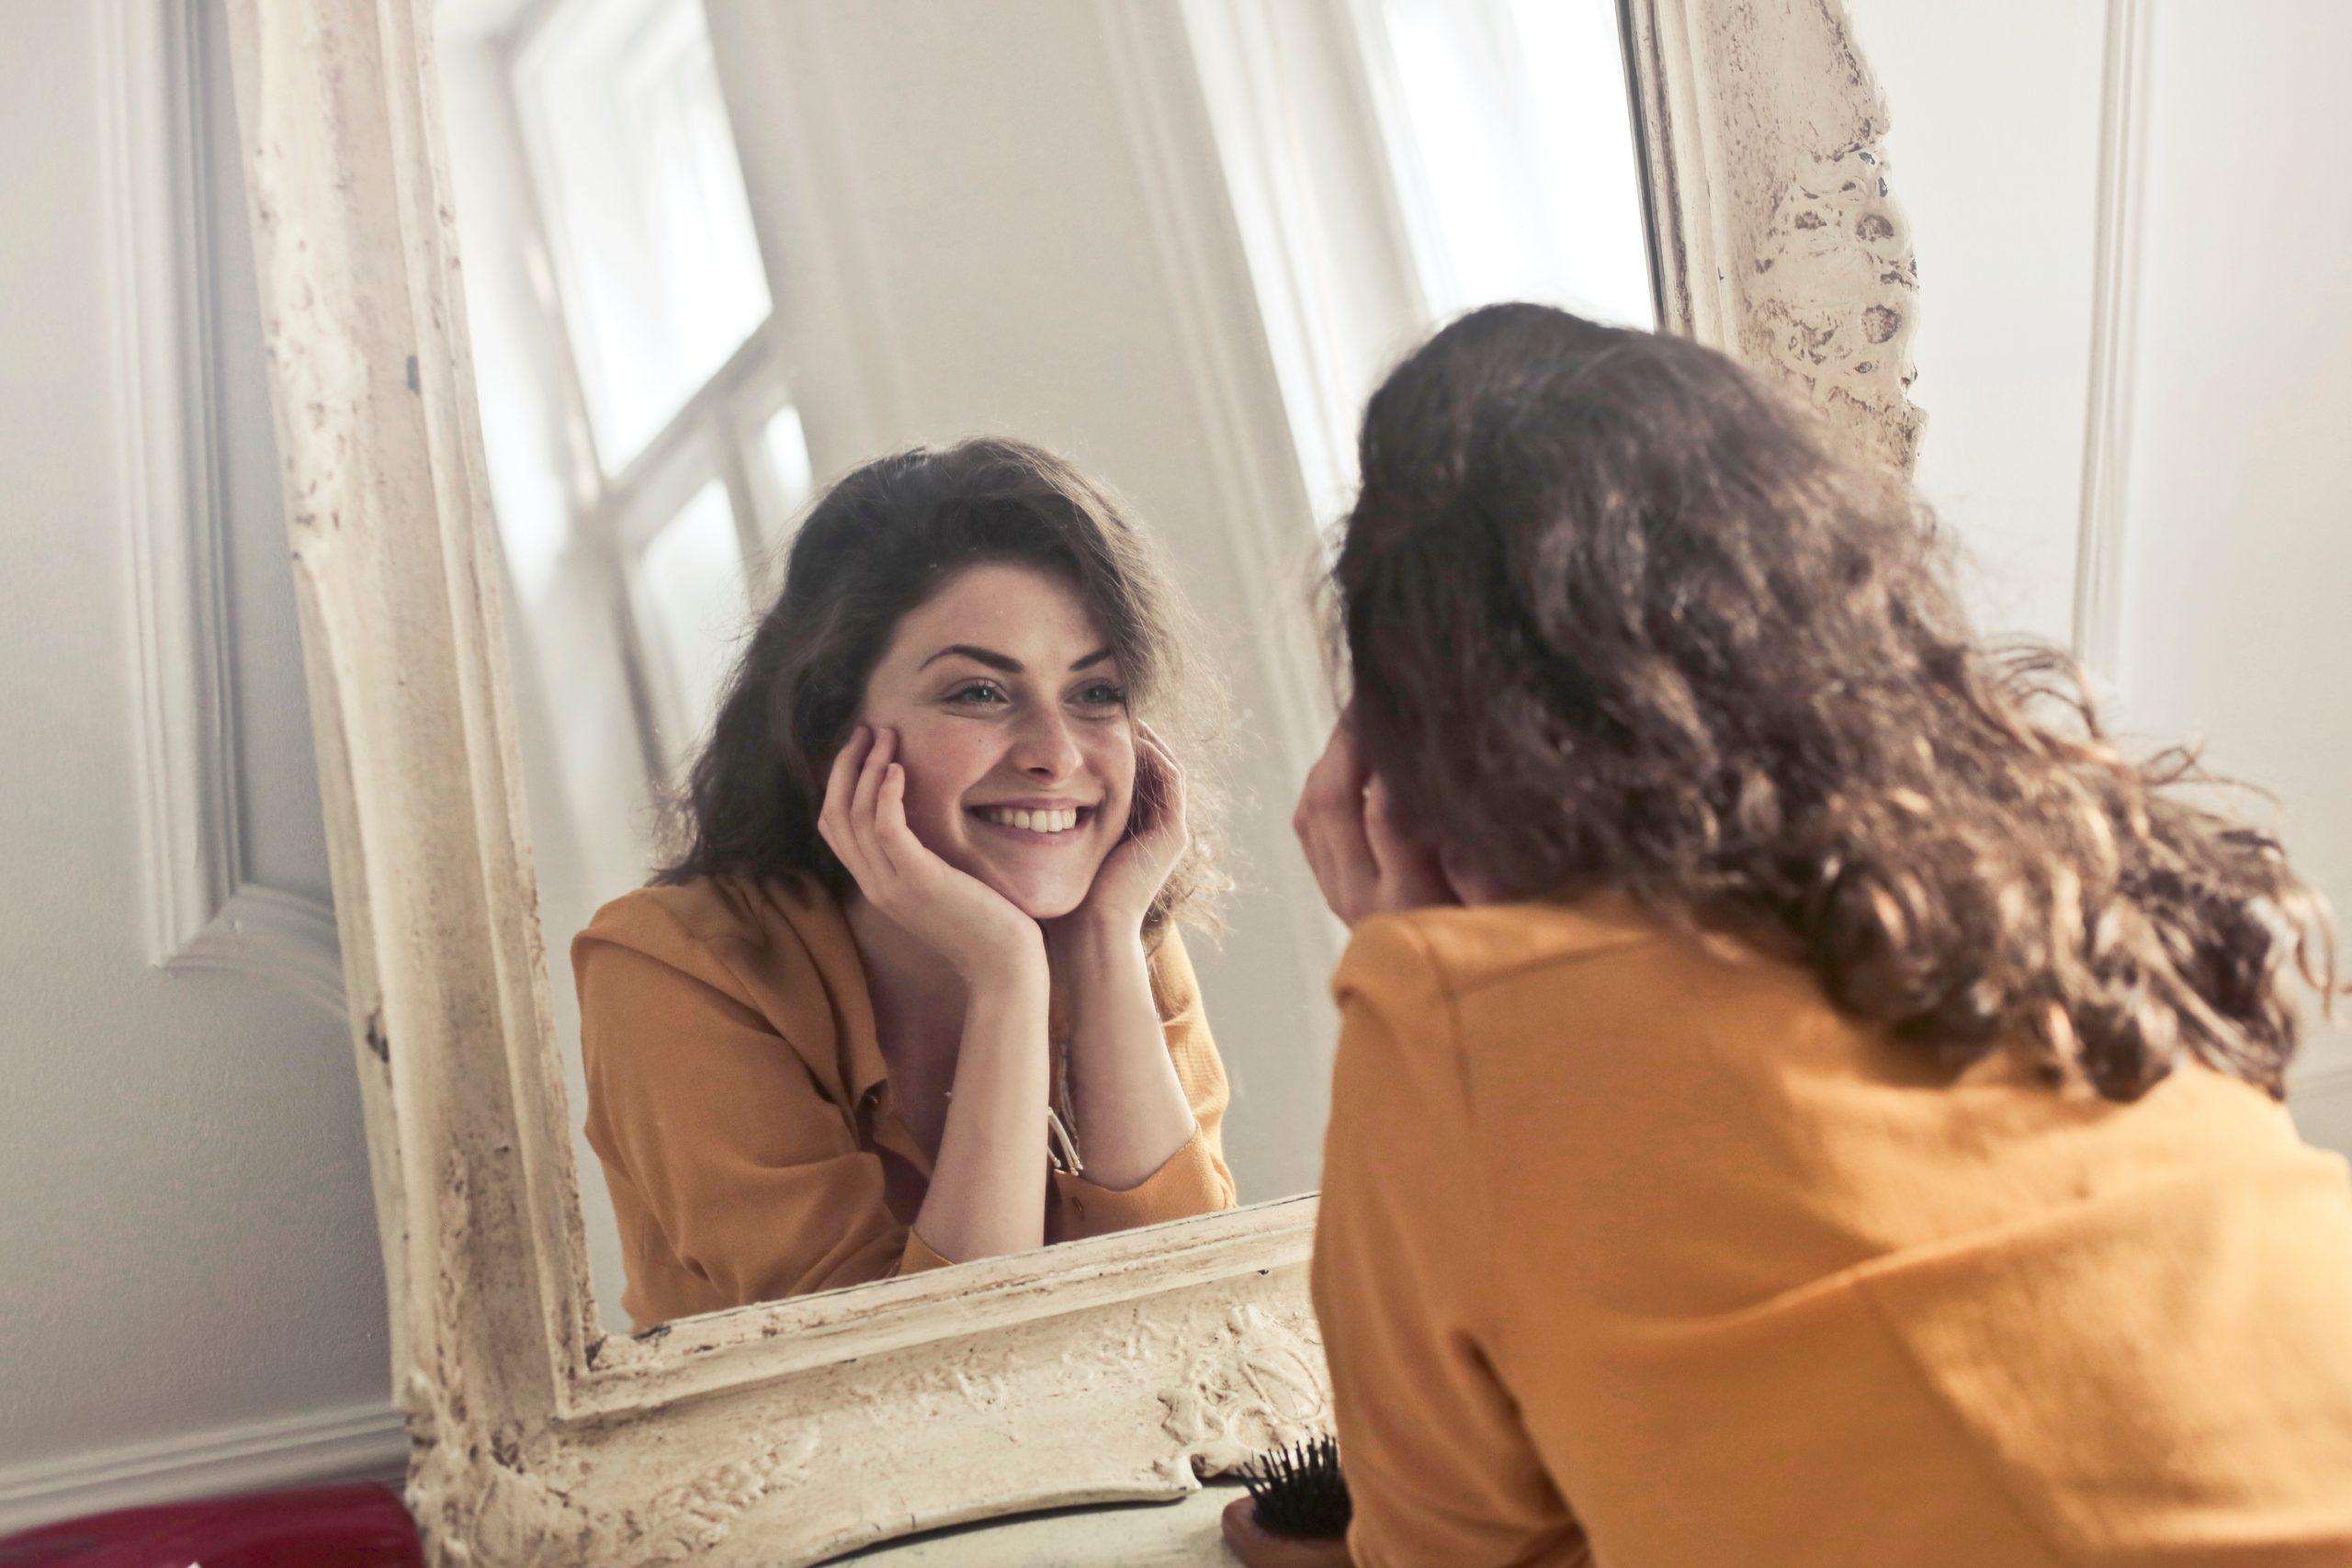 Faireinfache dein leben- lächelt in den spiegel